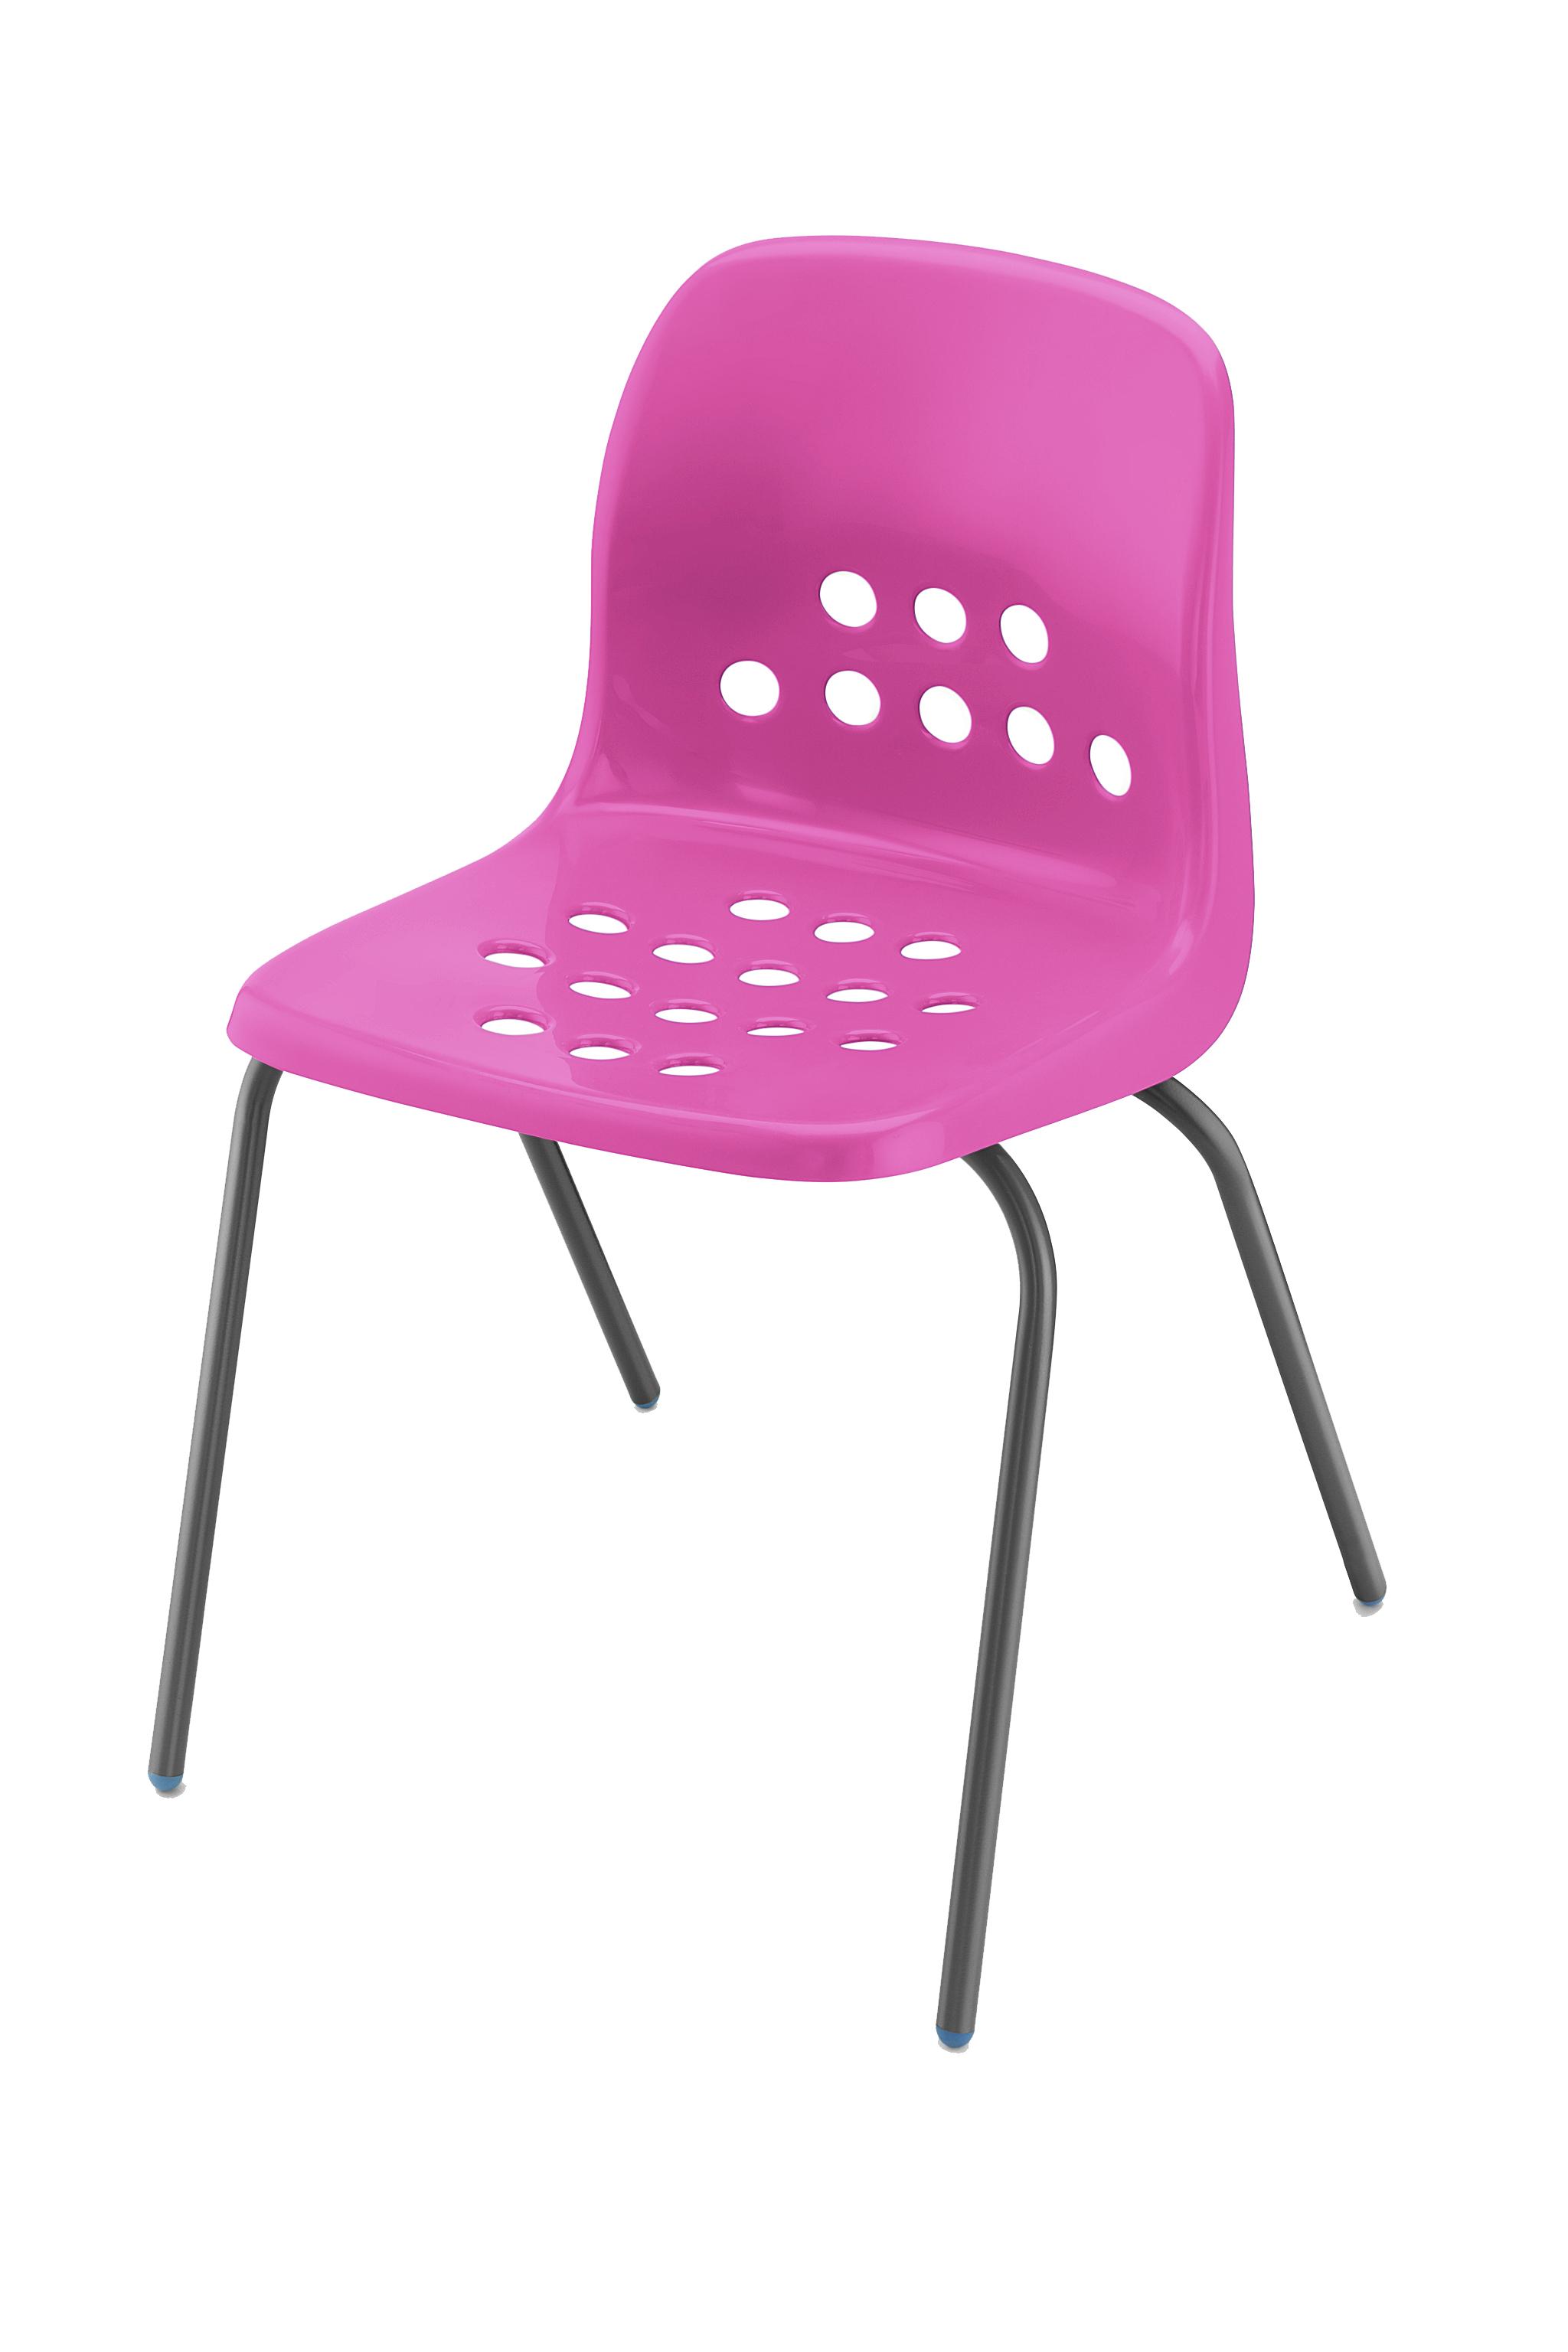 SG2062 pink